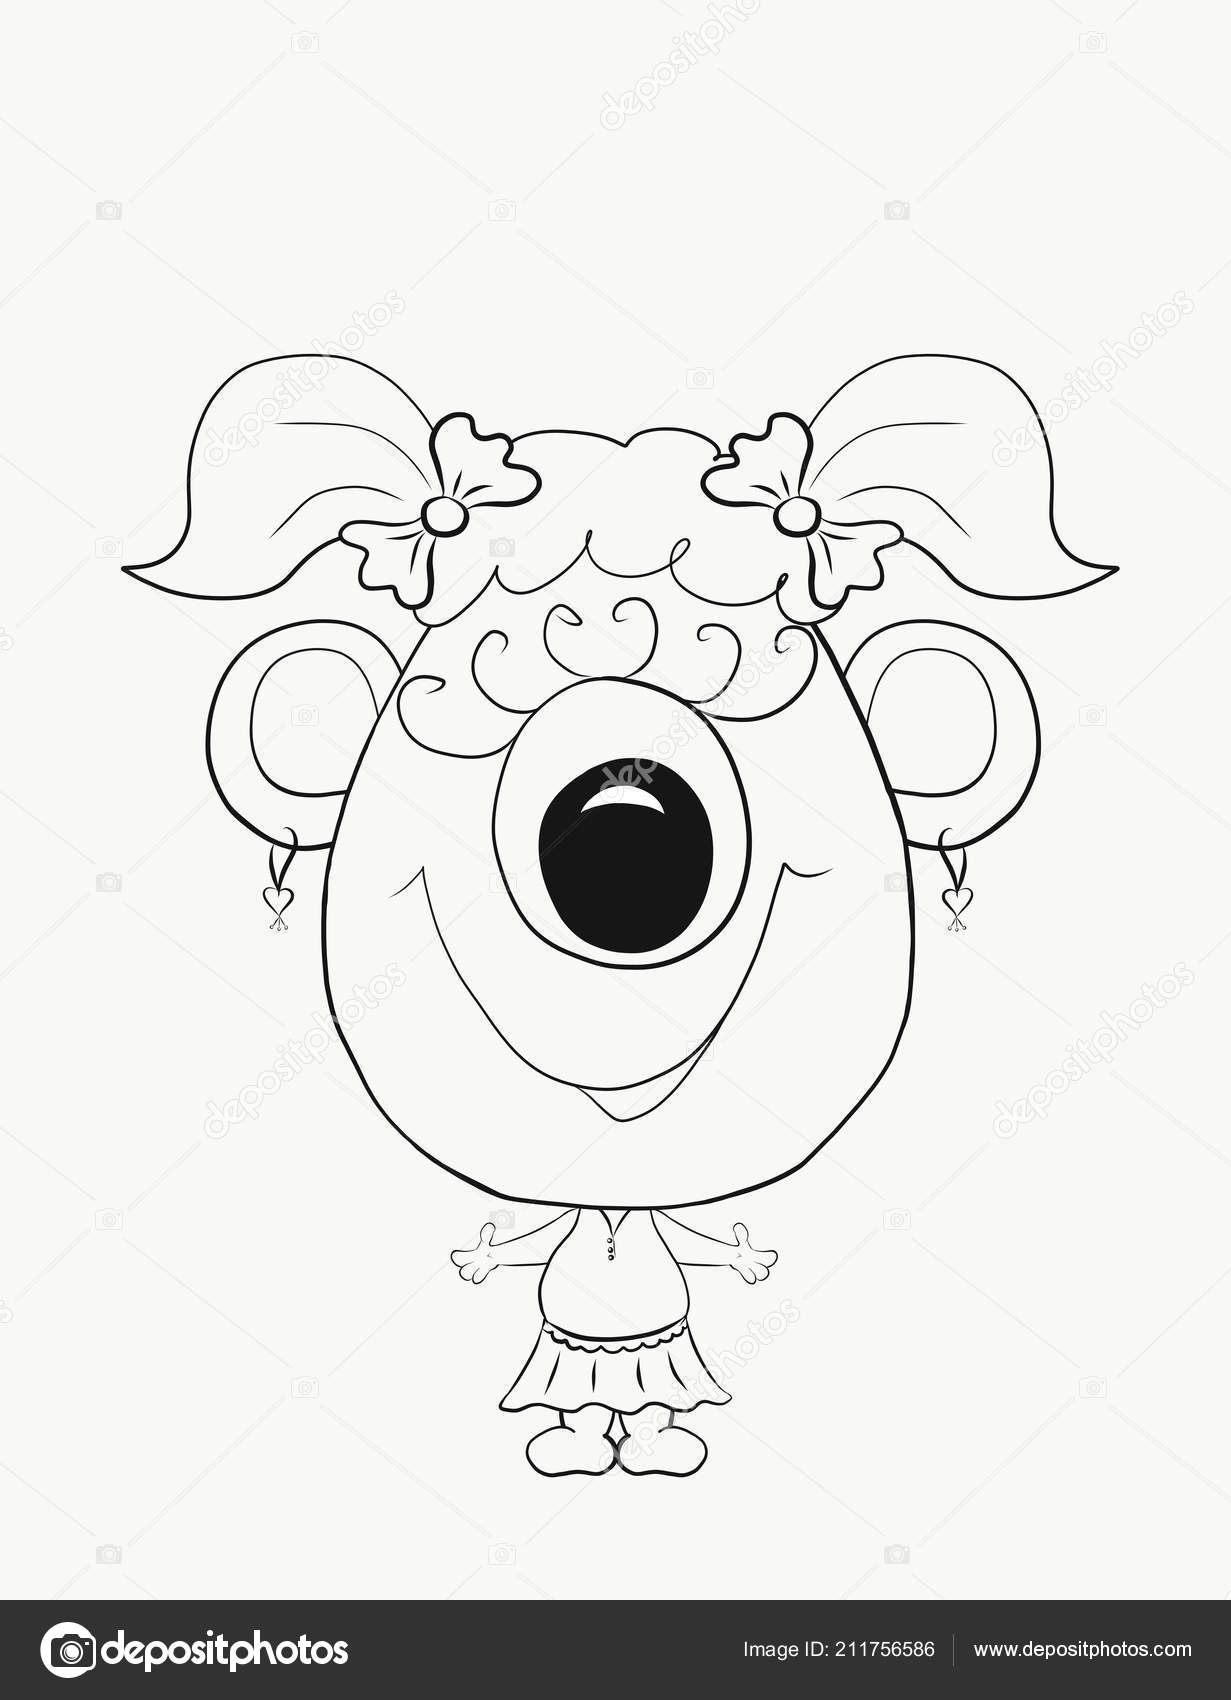 Kleurplaten Babyfles.Kleurplaat Voor Kinderen Grappige Kleine Monster Meisje